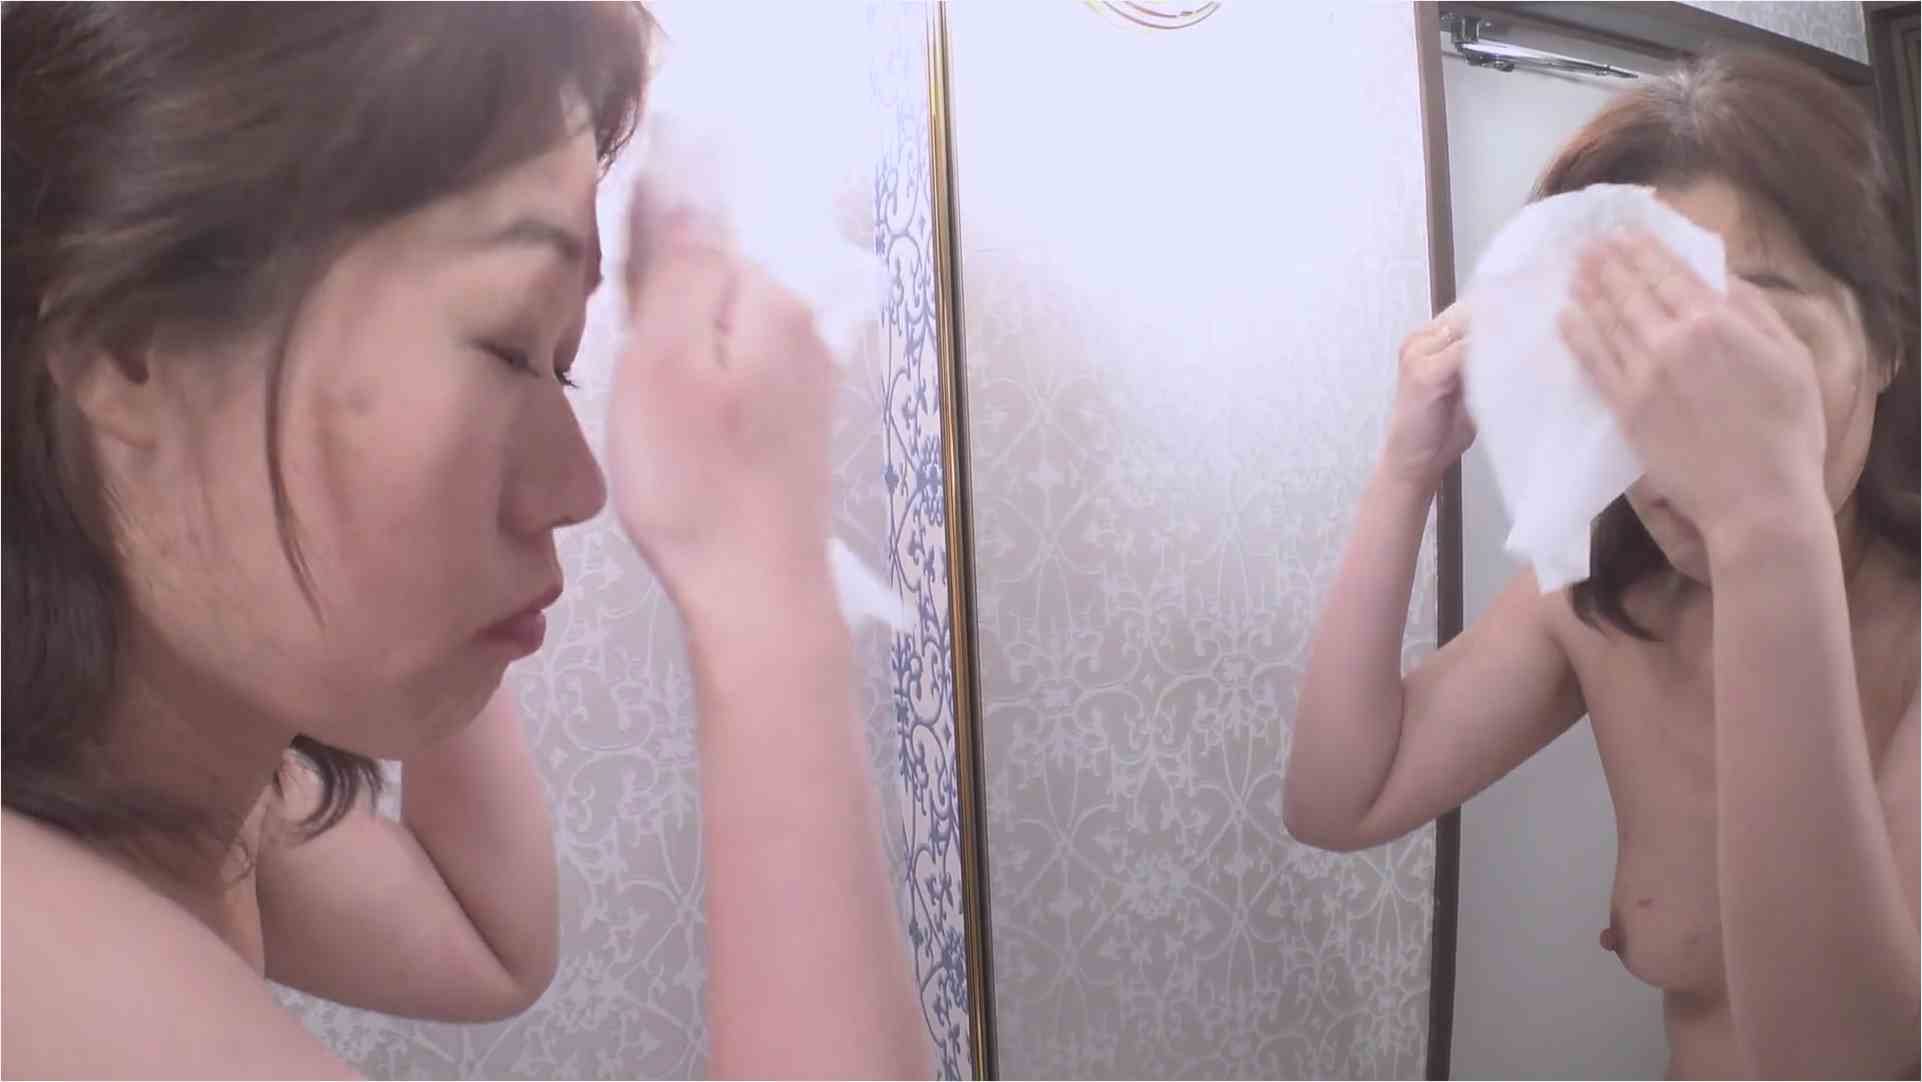 Pacopacomama-040219_063-スッピン熟女 ~陰毛の白髪を見られるよりも恥ずかしい…~ 岡本しおり